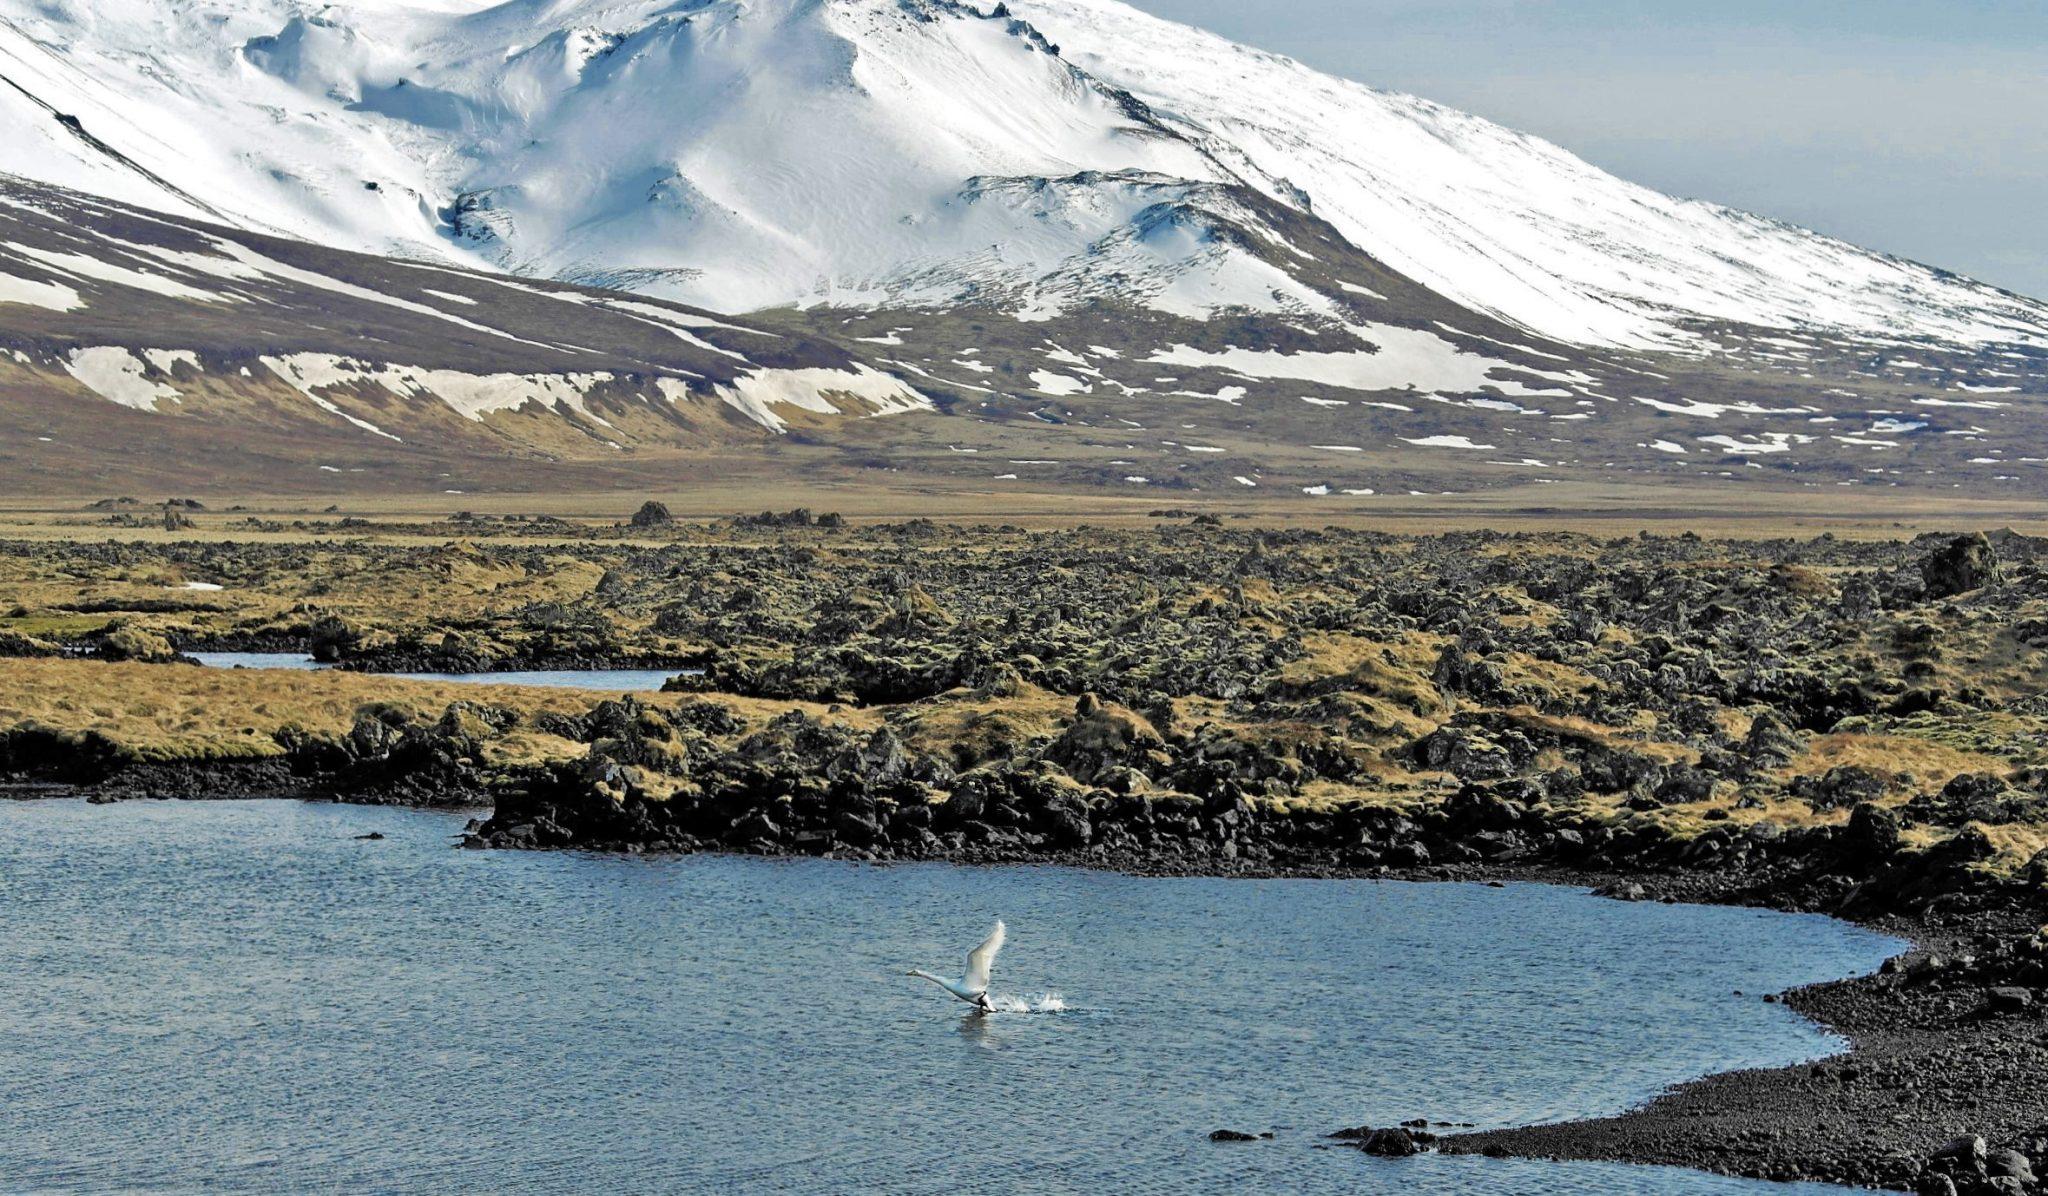 Snaefellsjoküll National Parc, Iceland